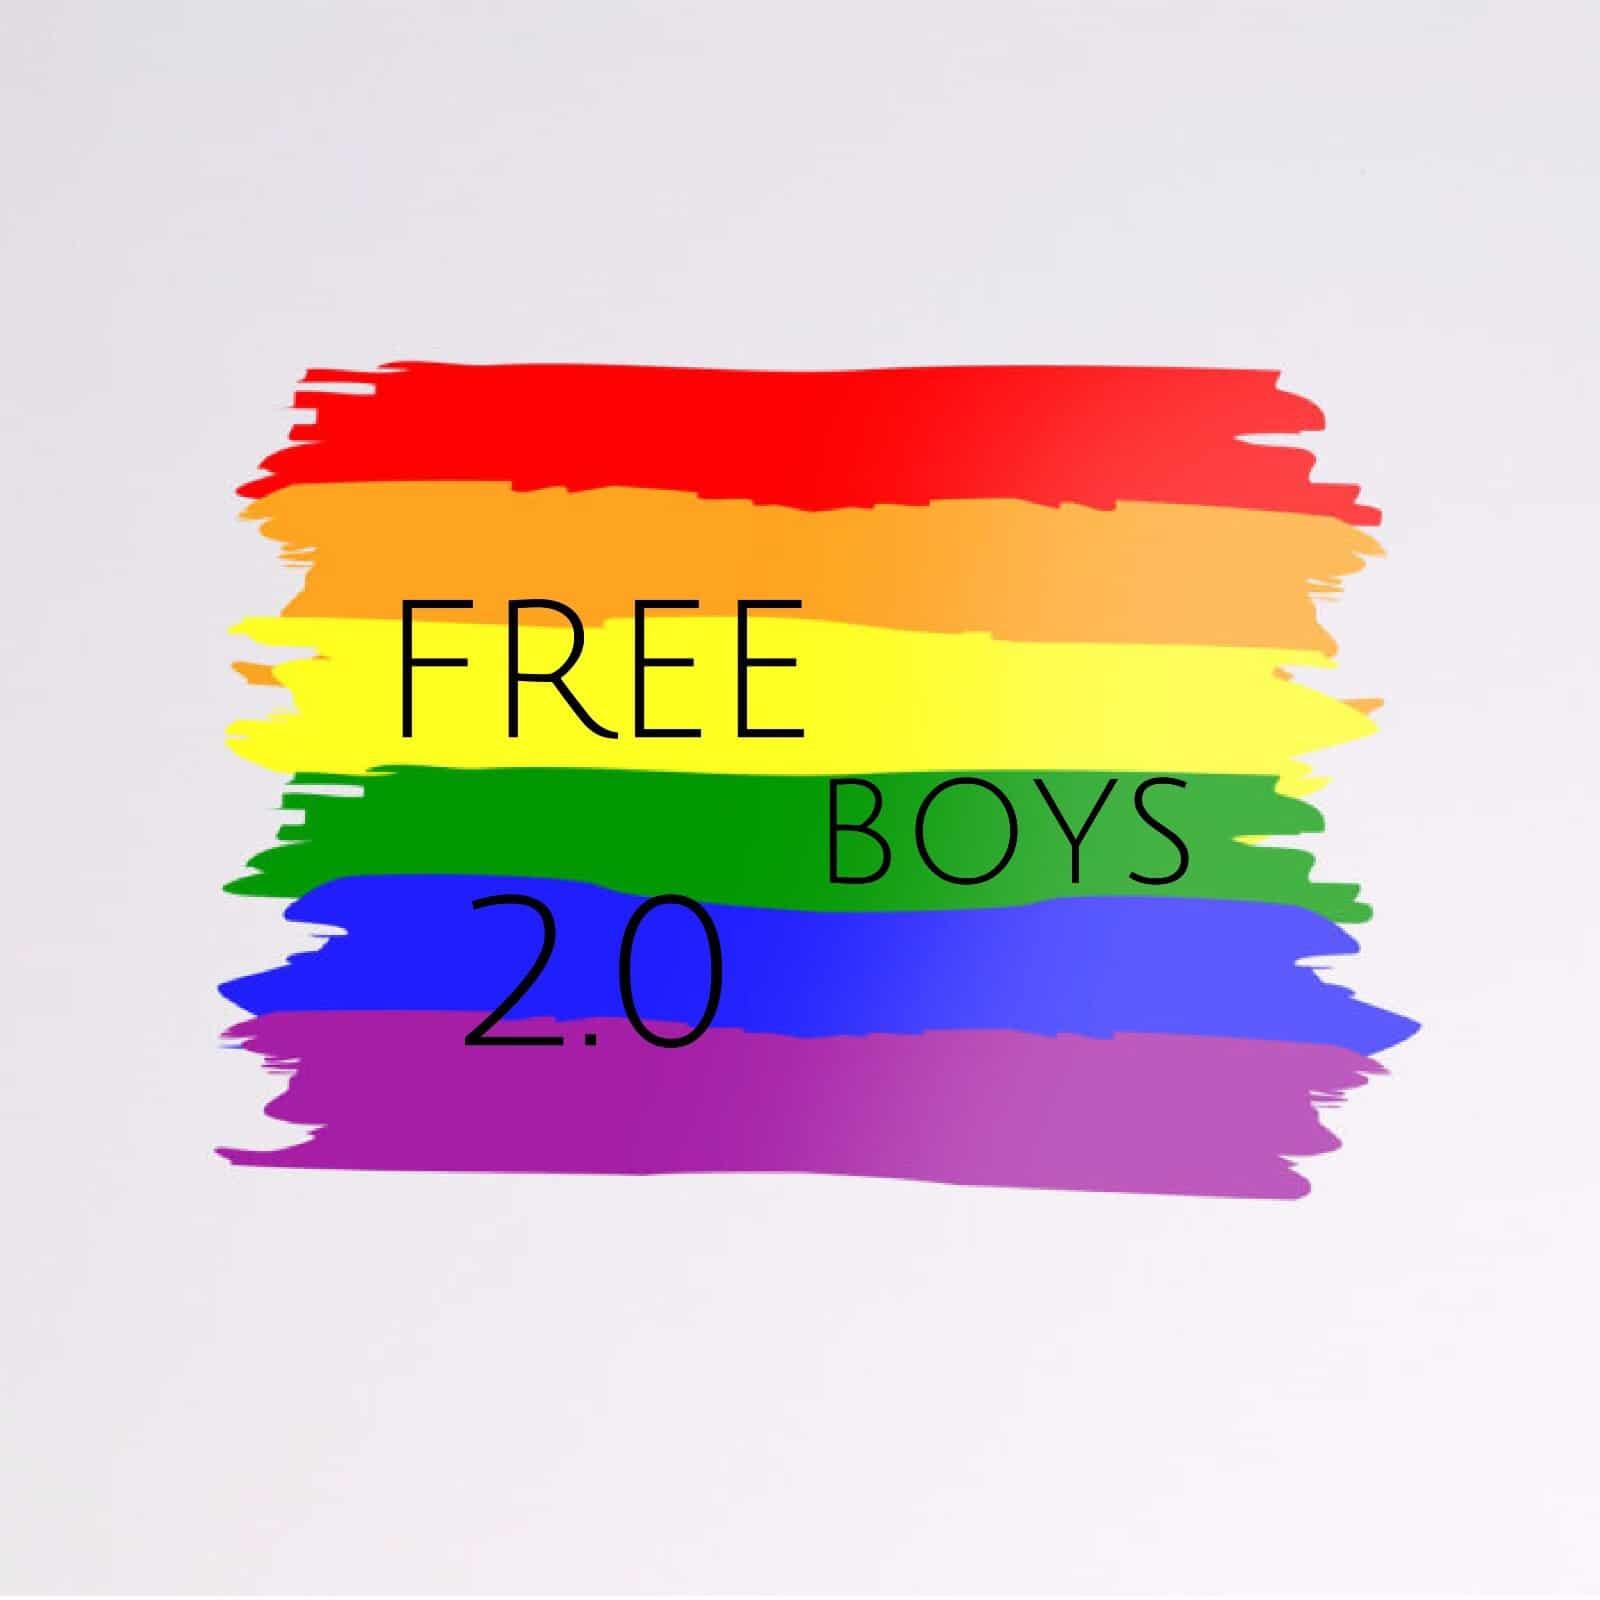 Icono del grupo 🏳️🌈 FREE BOYS 2.0 🇪🇸